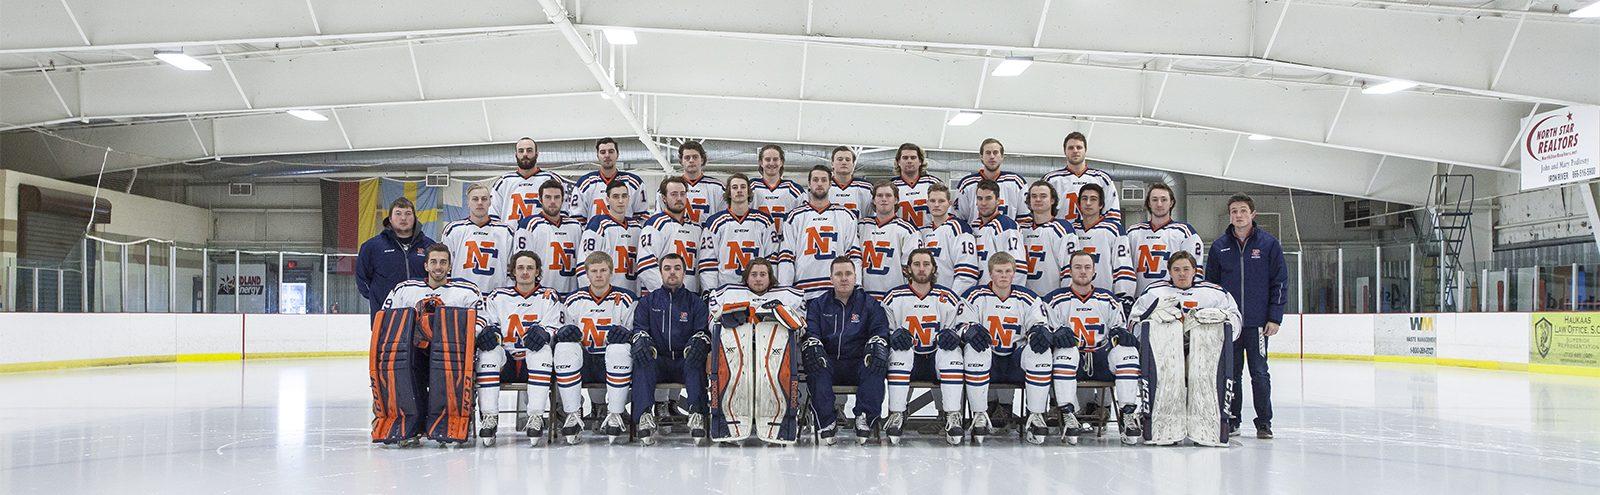 Northland College Men's Hockey Team Photo 2016-2017